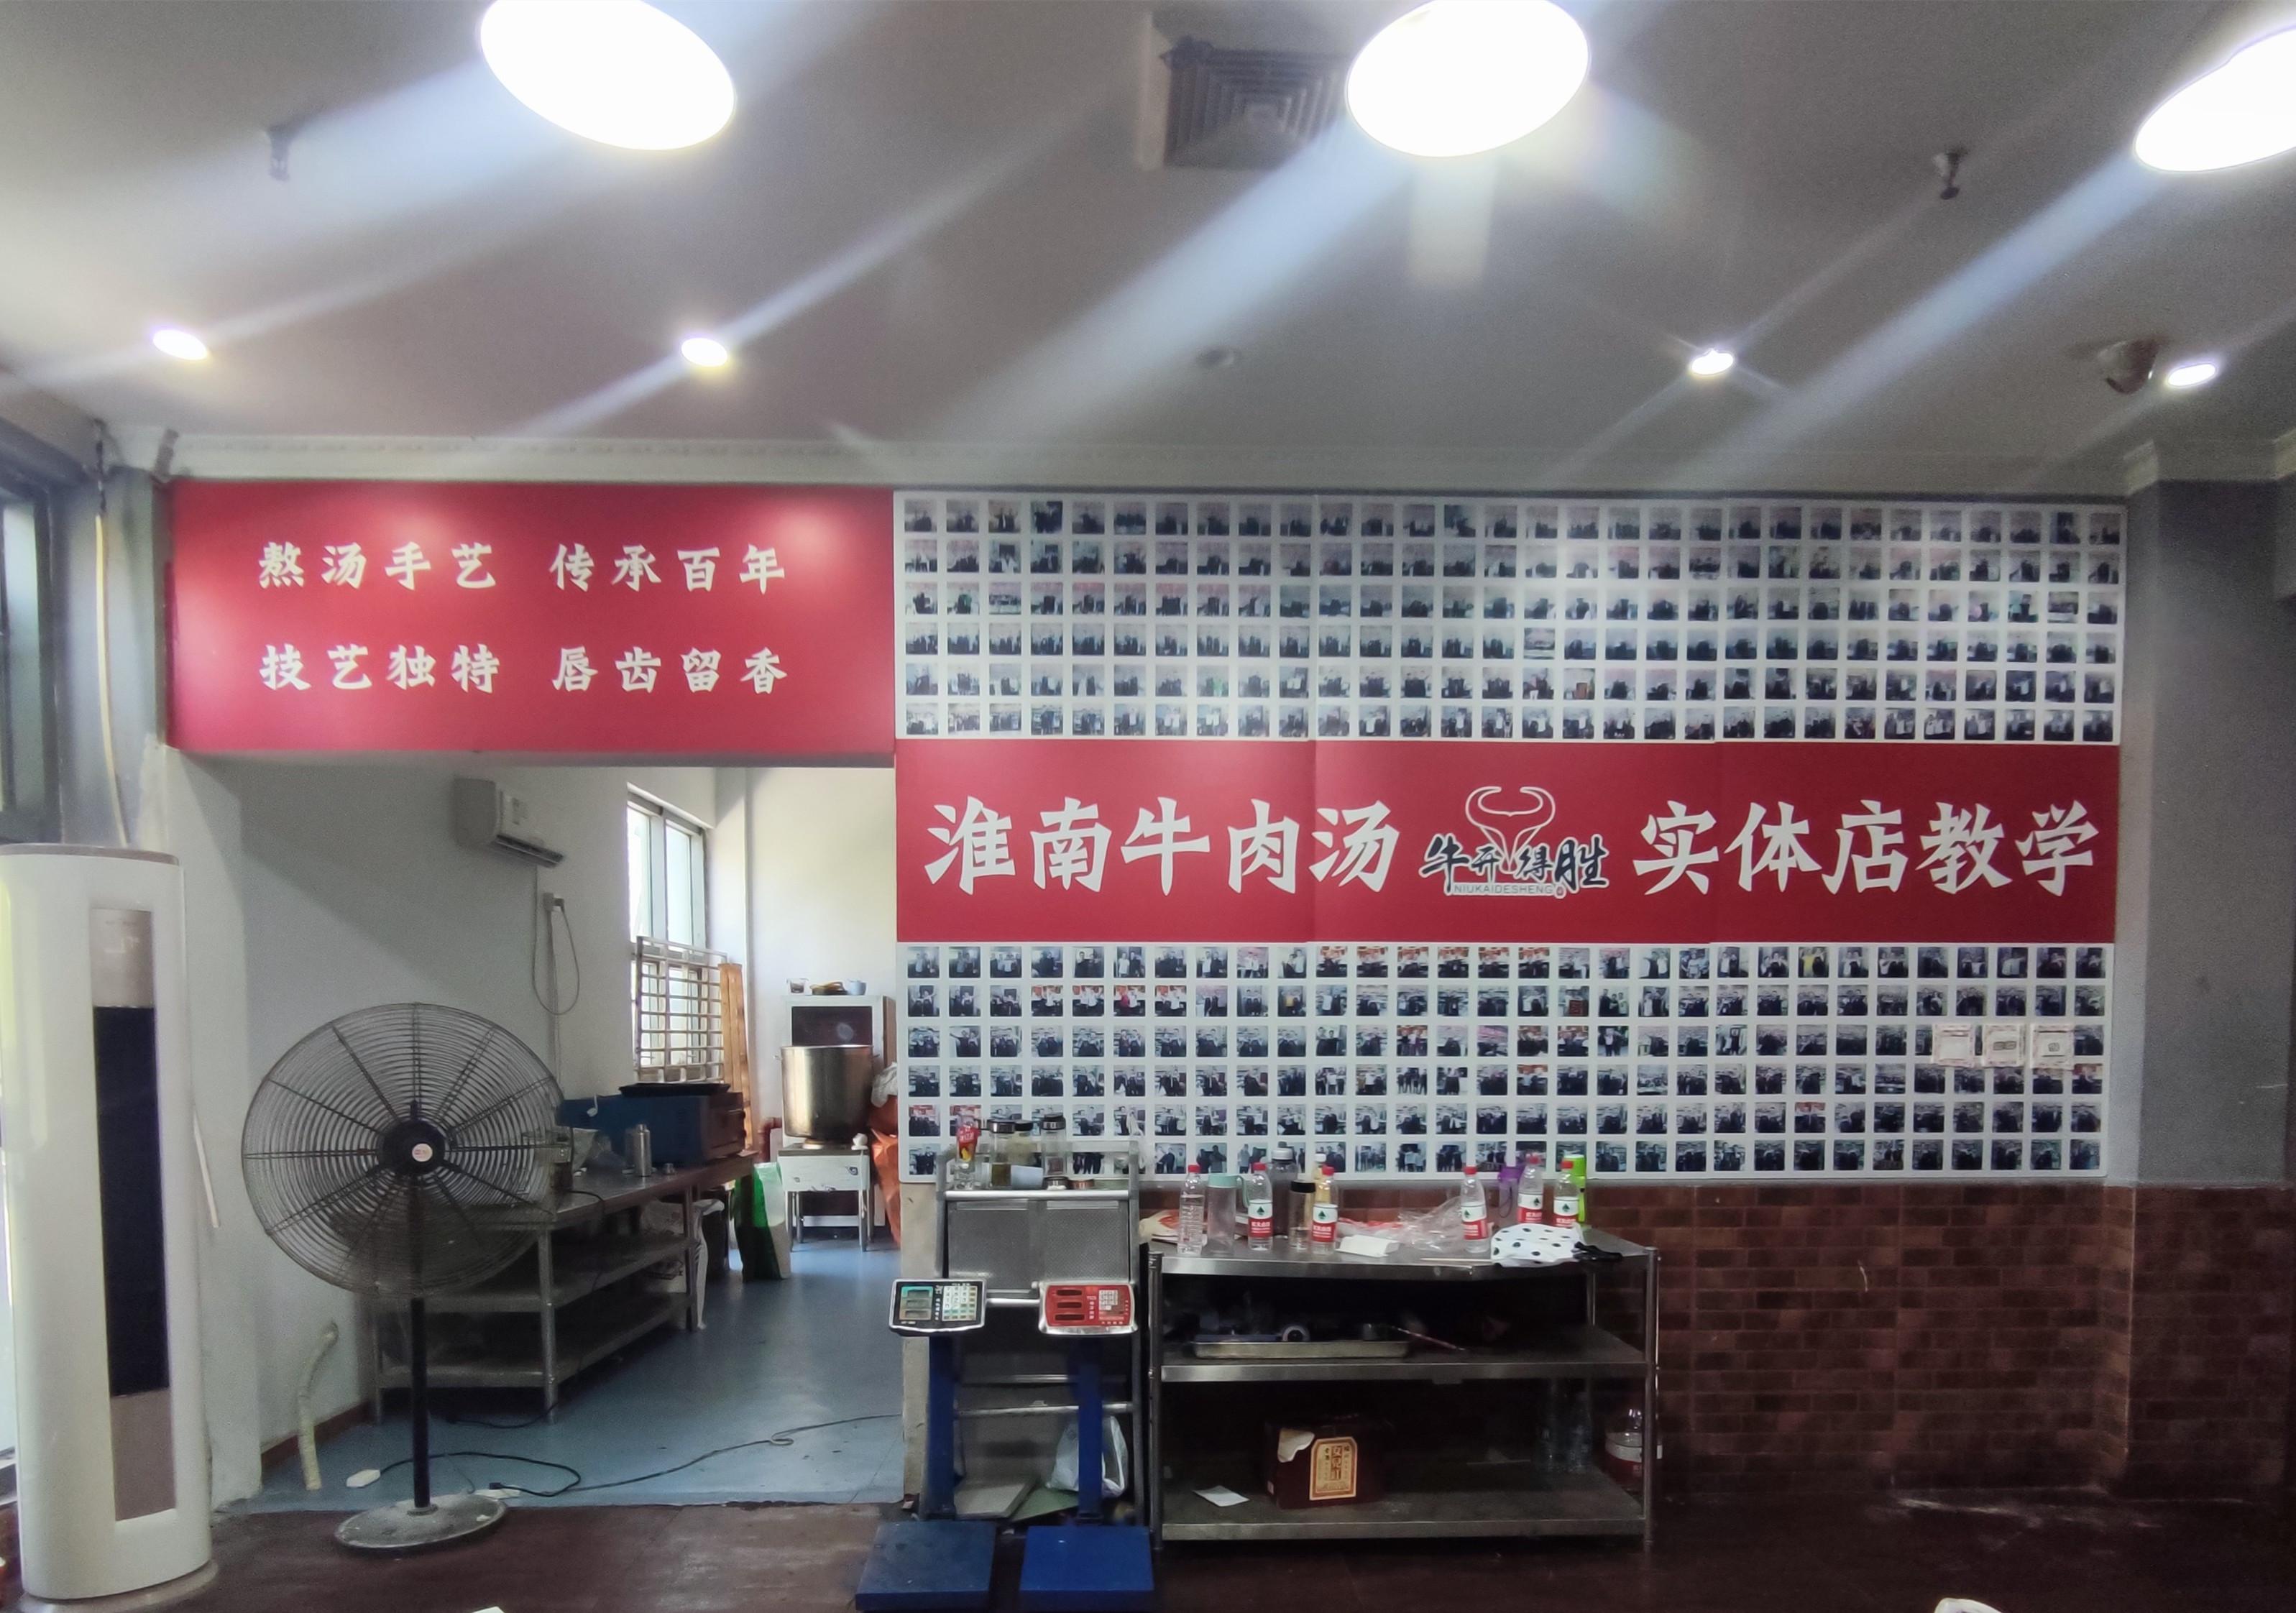 牛肉汤之白汤配方表,开店或家用皆可,李老师十年老店专用